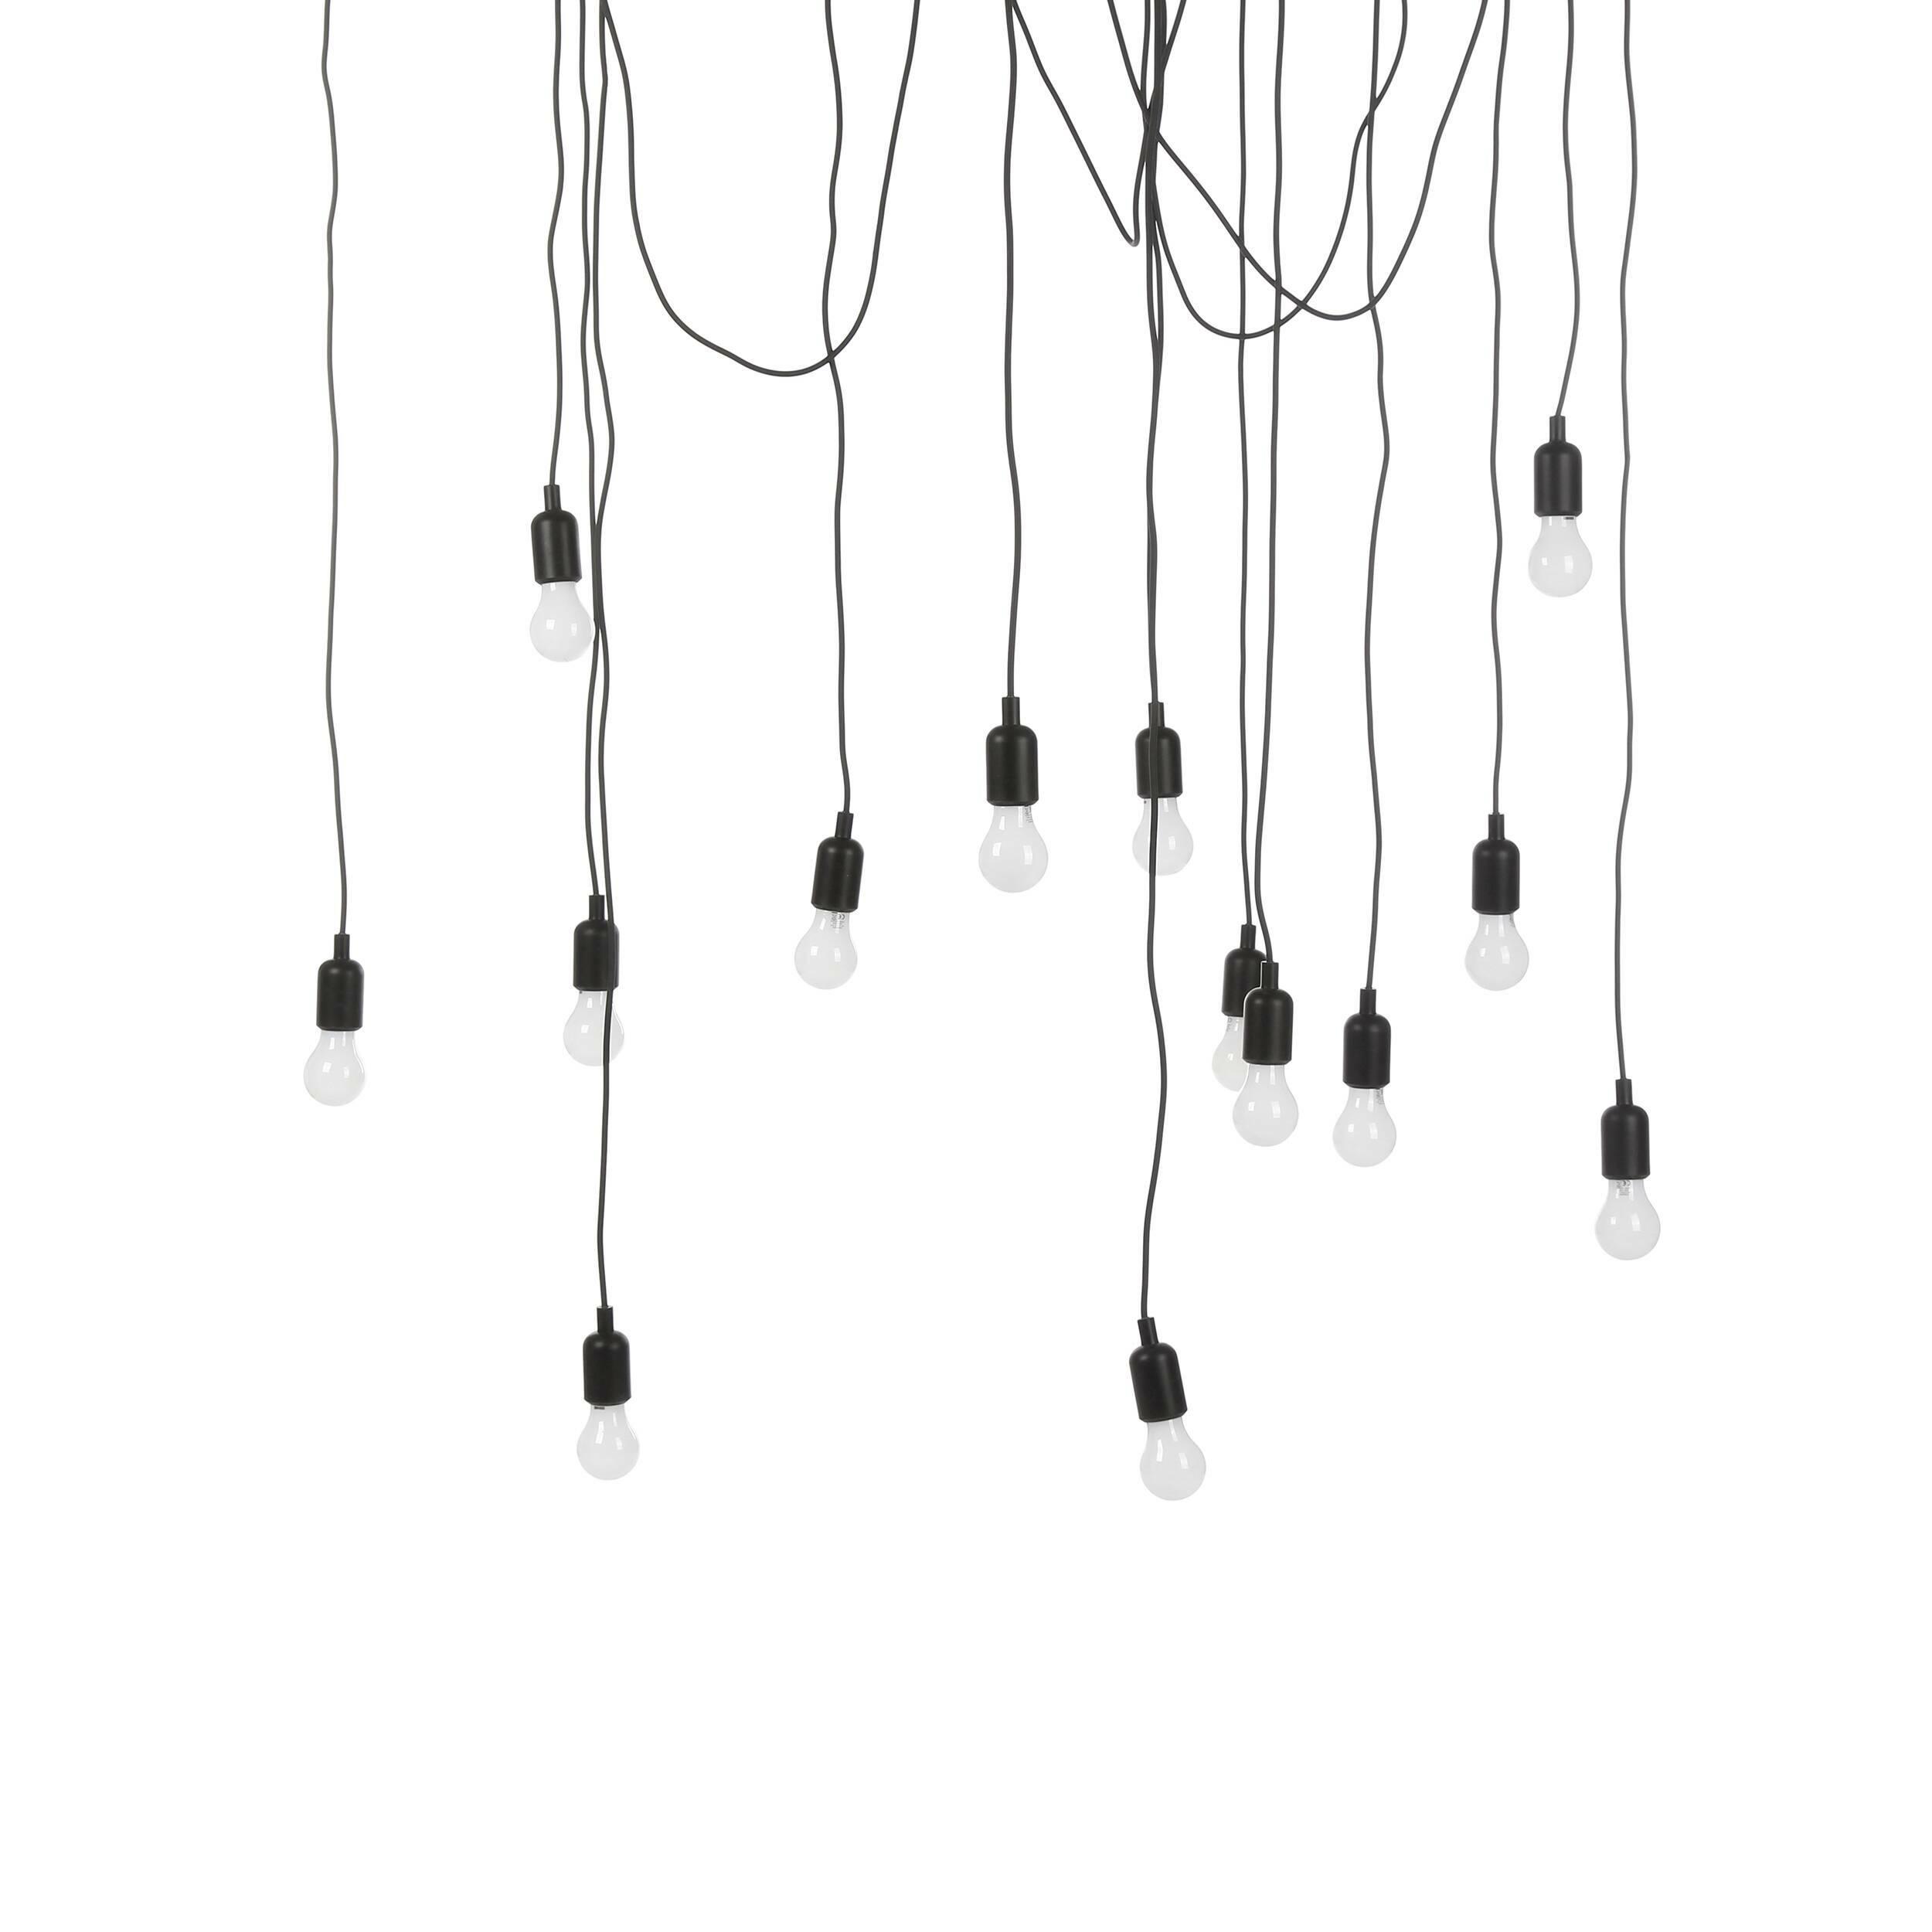 Подвесной светильник Maman IПодвесные<br>Создайте драматичный акцент с помощью подвесного светильника Maman I. В комплект входят 14 LED-ламп, а также 7 трехметровых и 7 четырехметровых черных кабелей. Расположить их можно как угодно в зависимости от личных предпочтений и дизайнерской задумки — создайте изогнутую линию кабеля или же подвесьте их как пучок. А вот что касается стилевой принадлежности подходящих для него интерьеров, то тут можно изрядно поломать голову. Авангард, лофт, конструктивизм и, разумеется, эклектика — вот те из...<br><br>stock: 6<br>Количество ламп: 14<br>Цвет провода: Черный